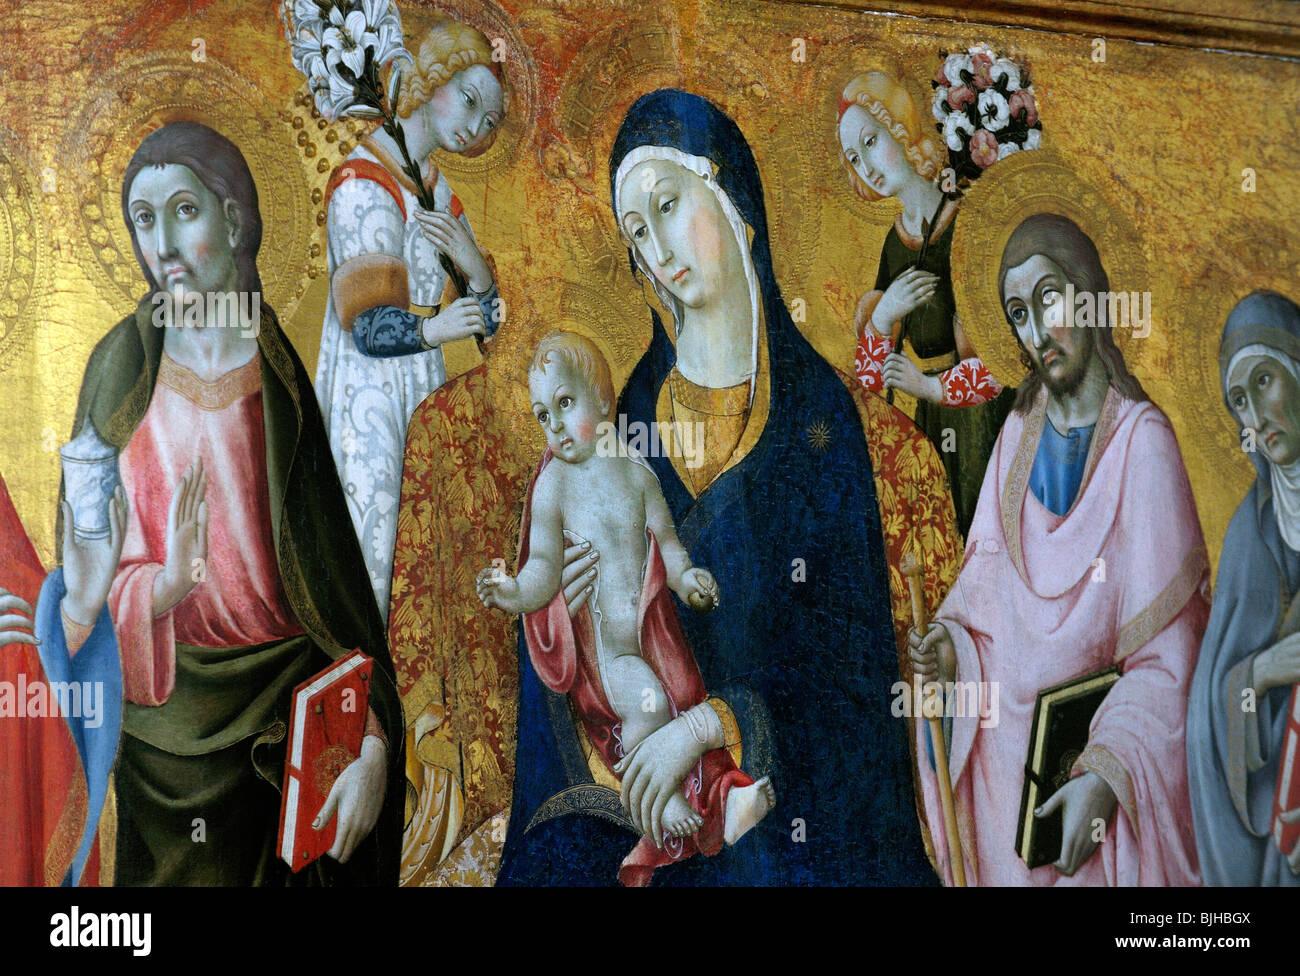 Renaissance Italienne Banque d'image et photos - Alamy